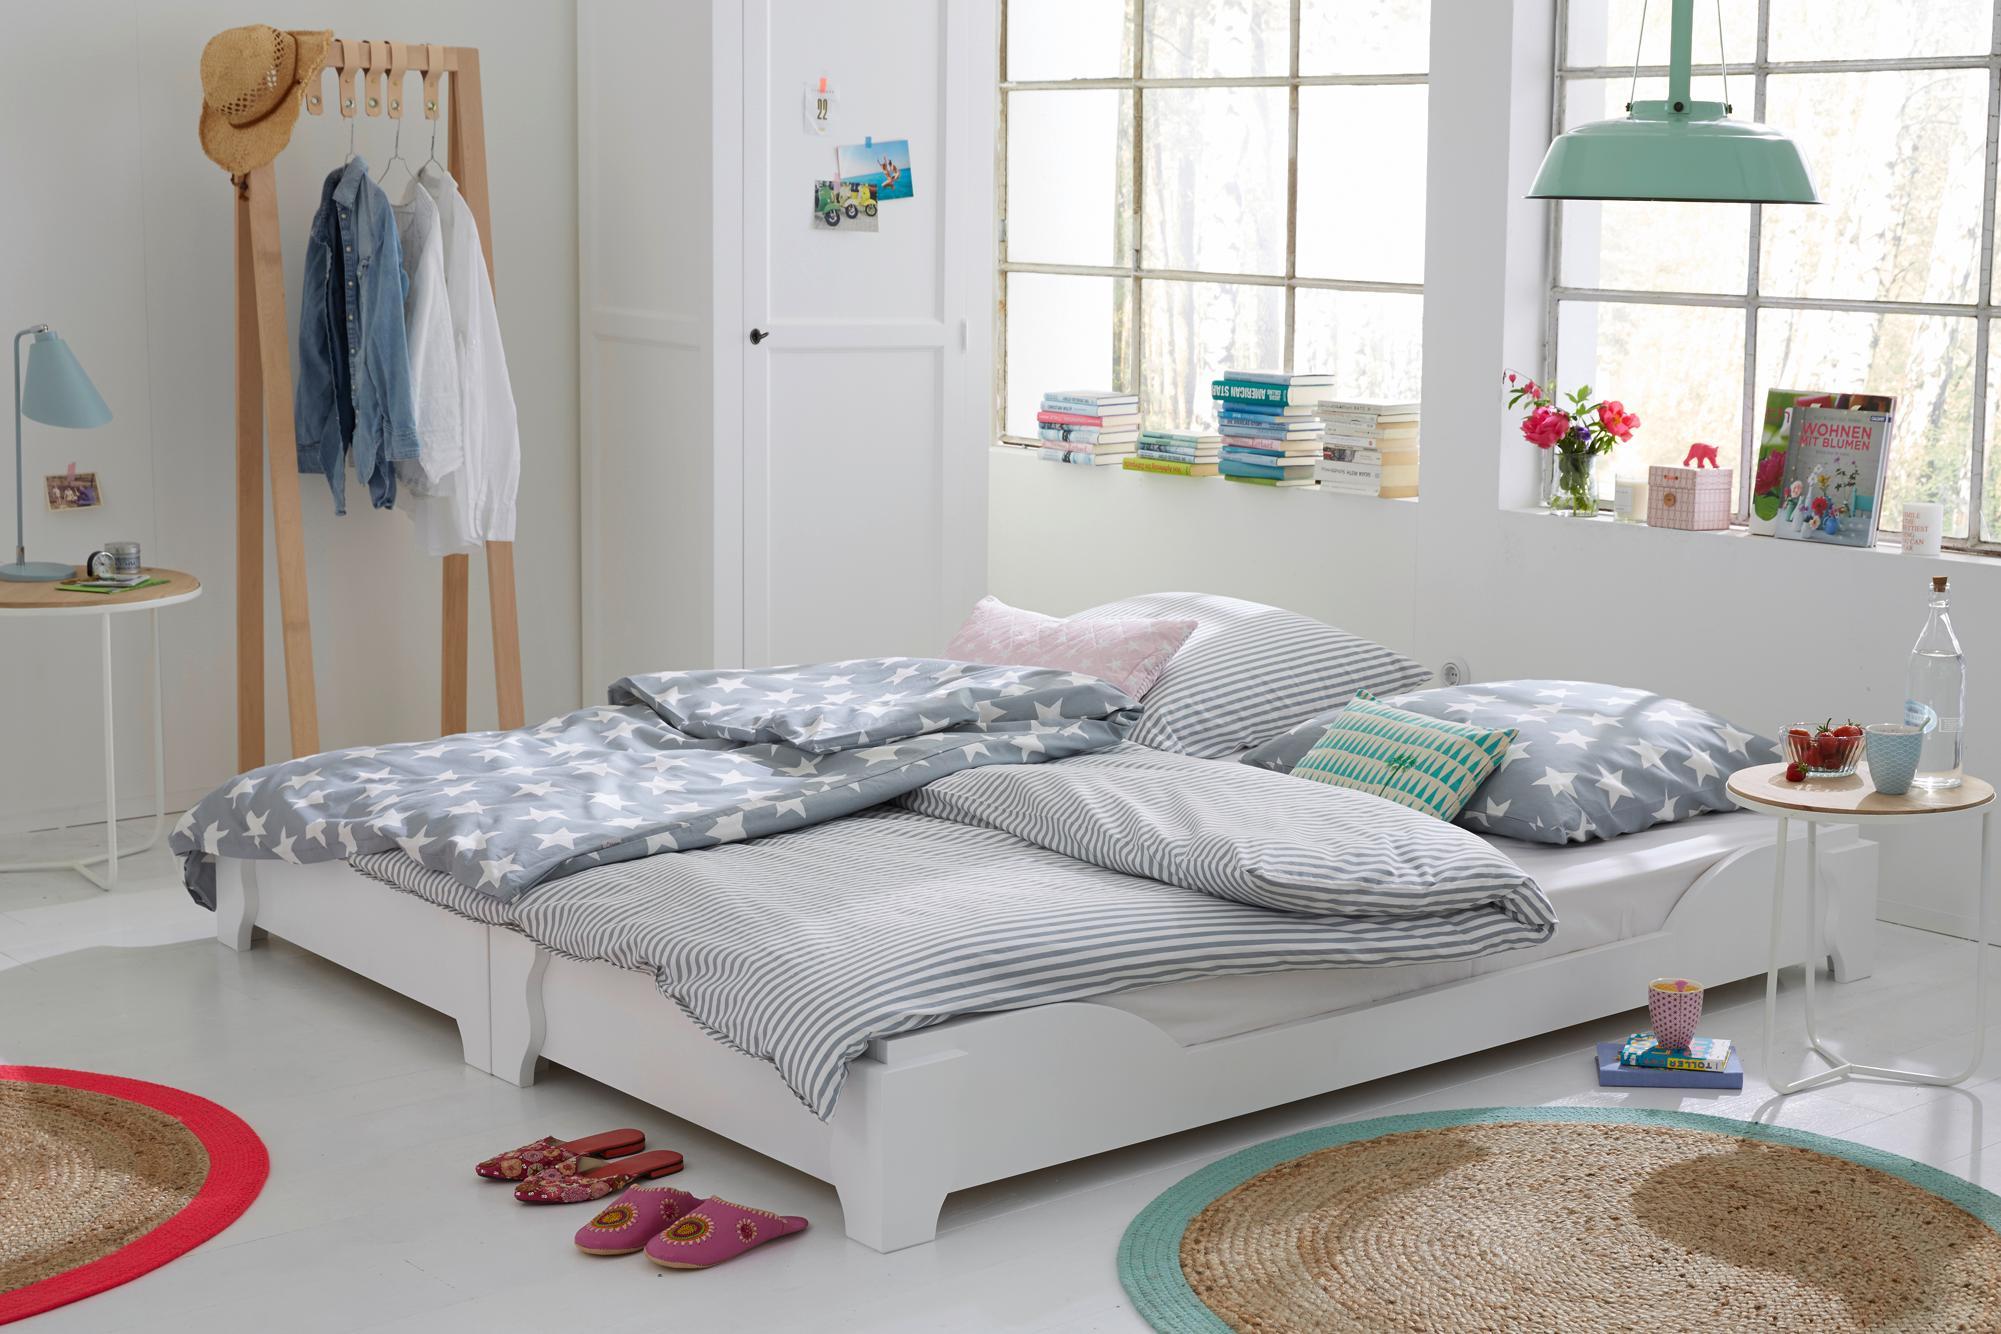 Schlafzimmer Mit Großen Fenstern #zimmergestaltung ©Car Selbstbaumöbel